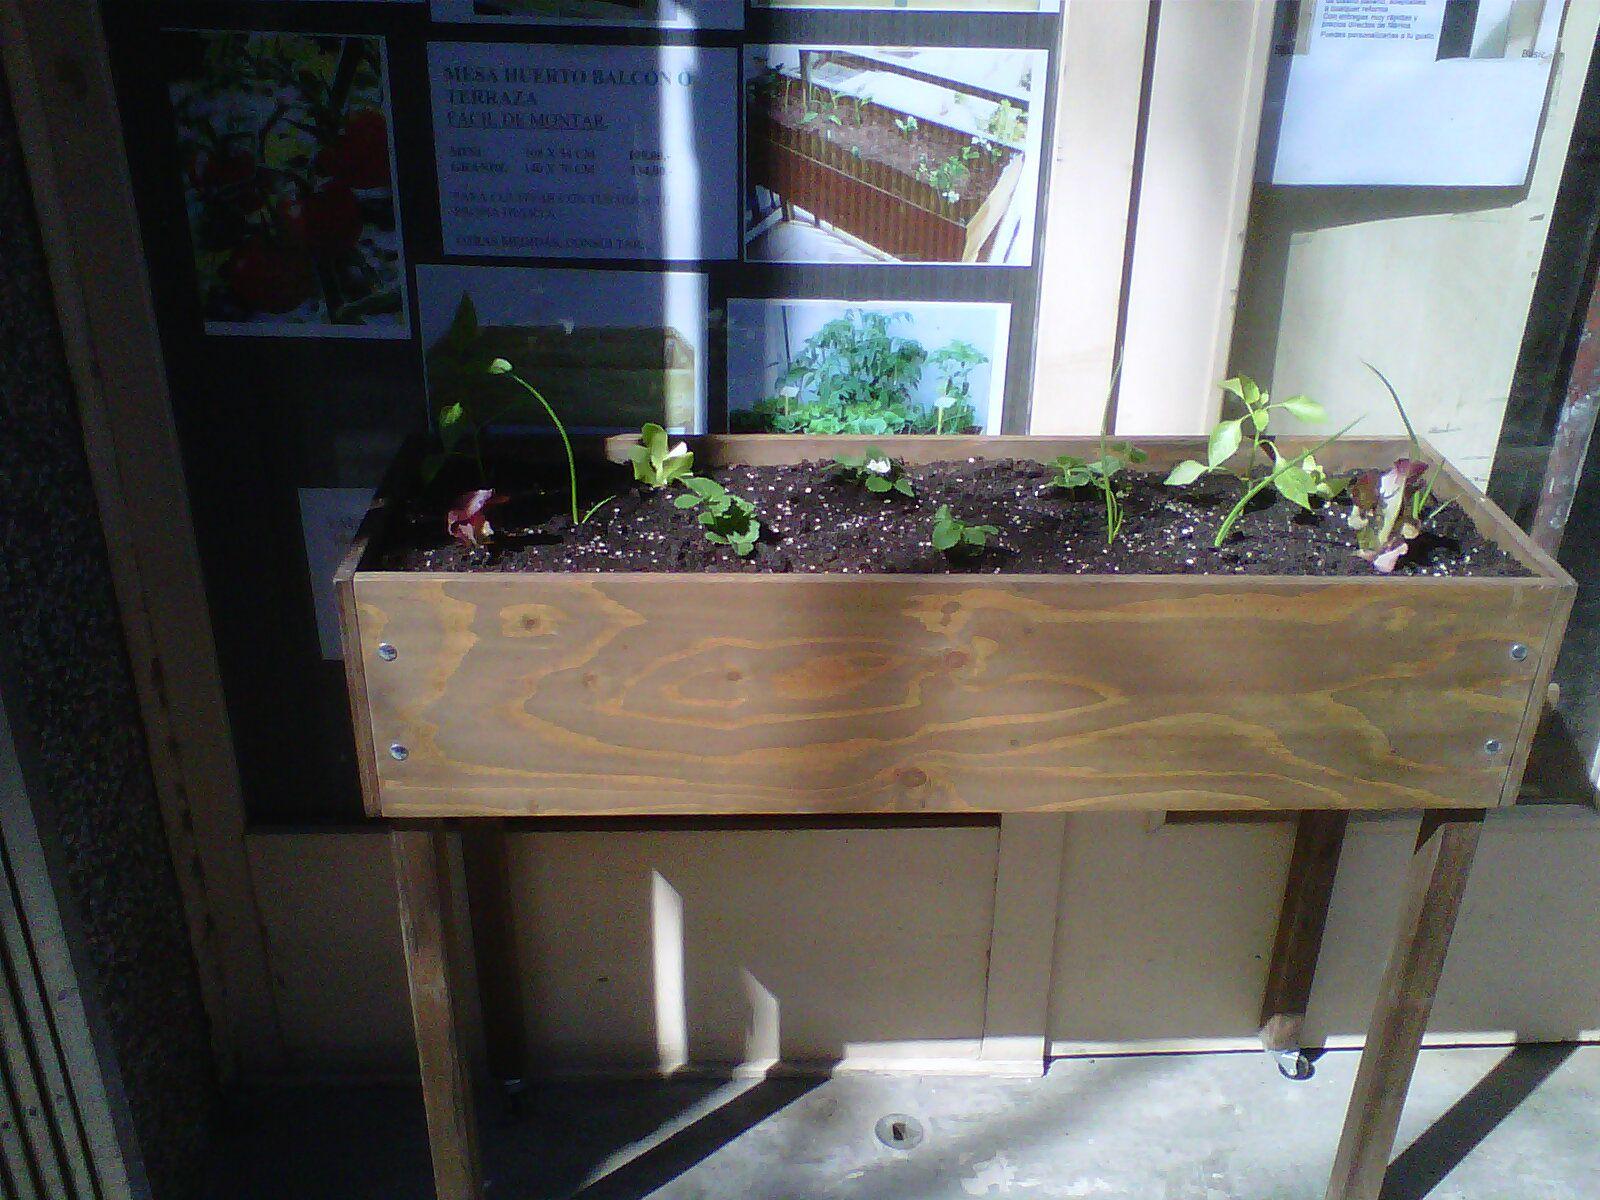 Mesa Para Cultivar Hortalizas En Tu Terraza O Balcón En La